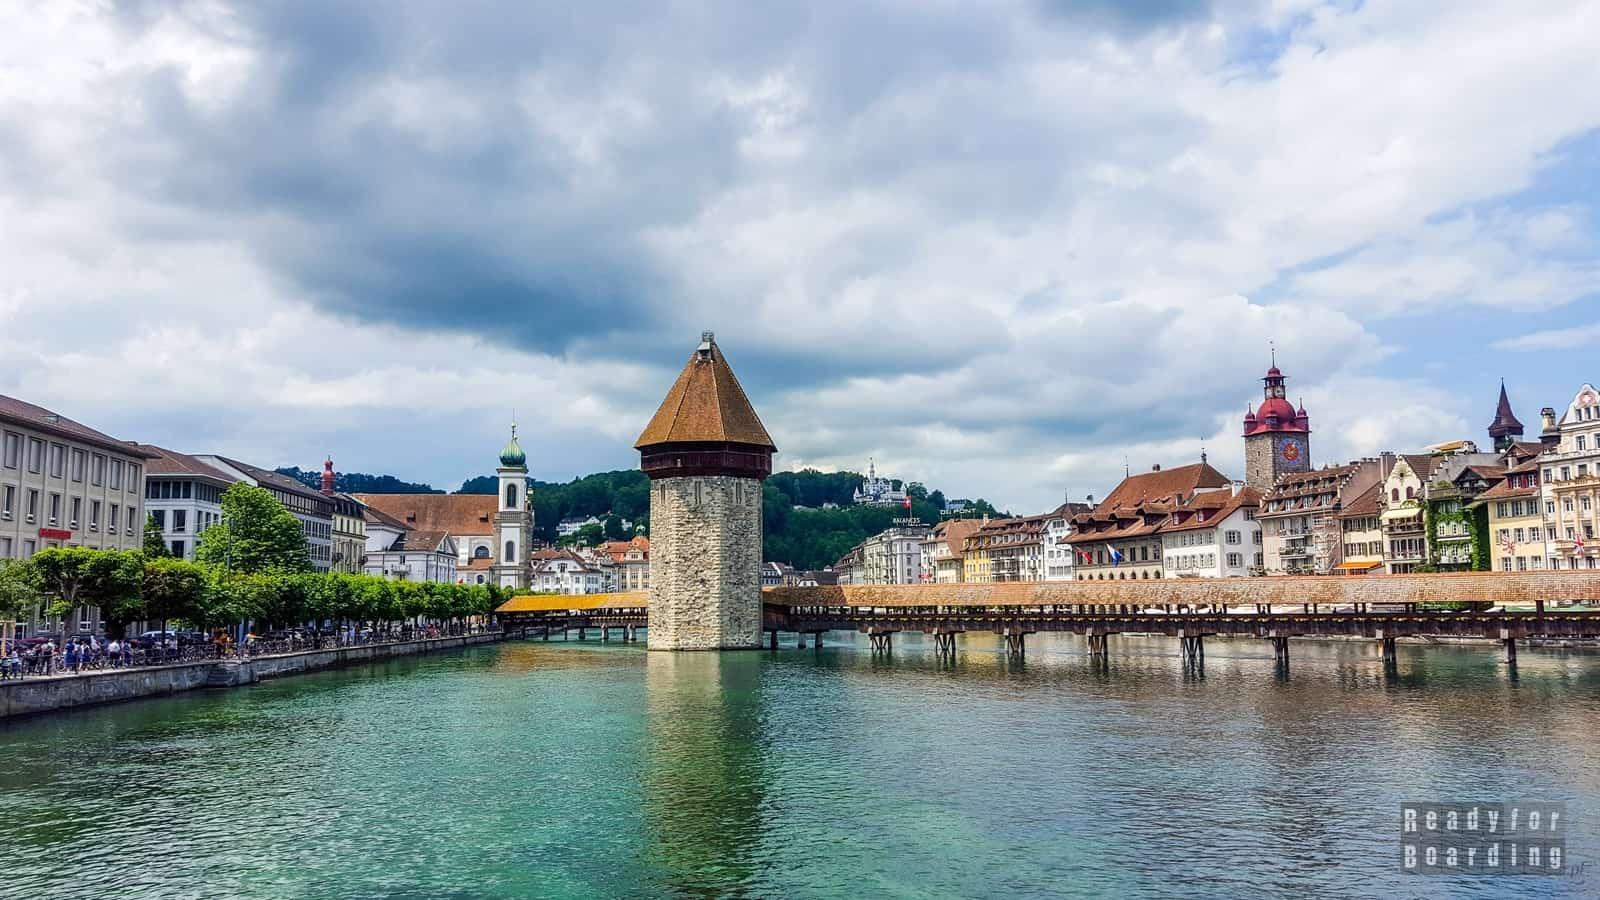 Szwajcaria - Lucerna (galeria zdjęć)